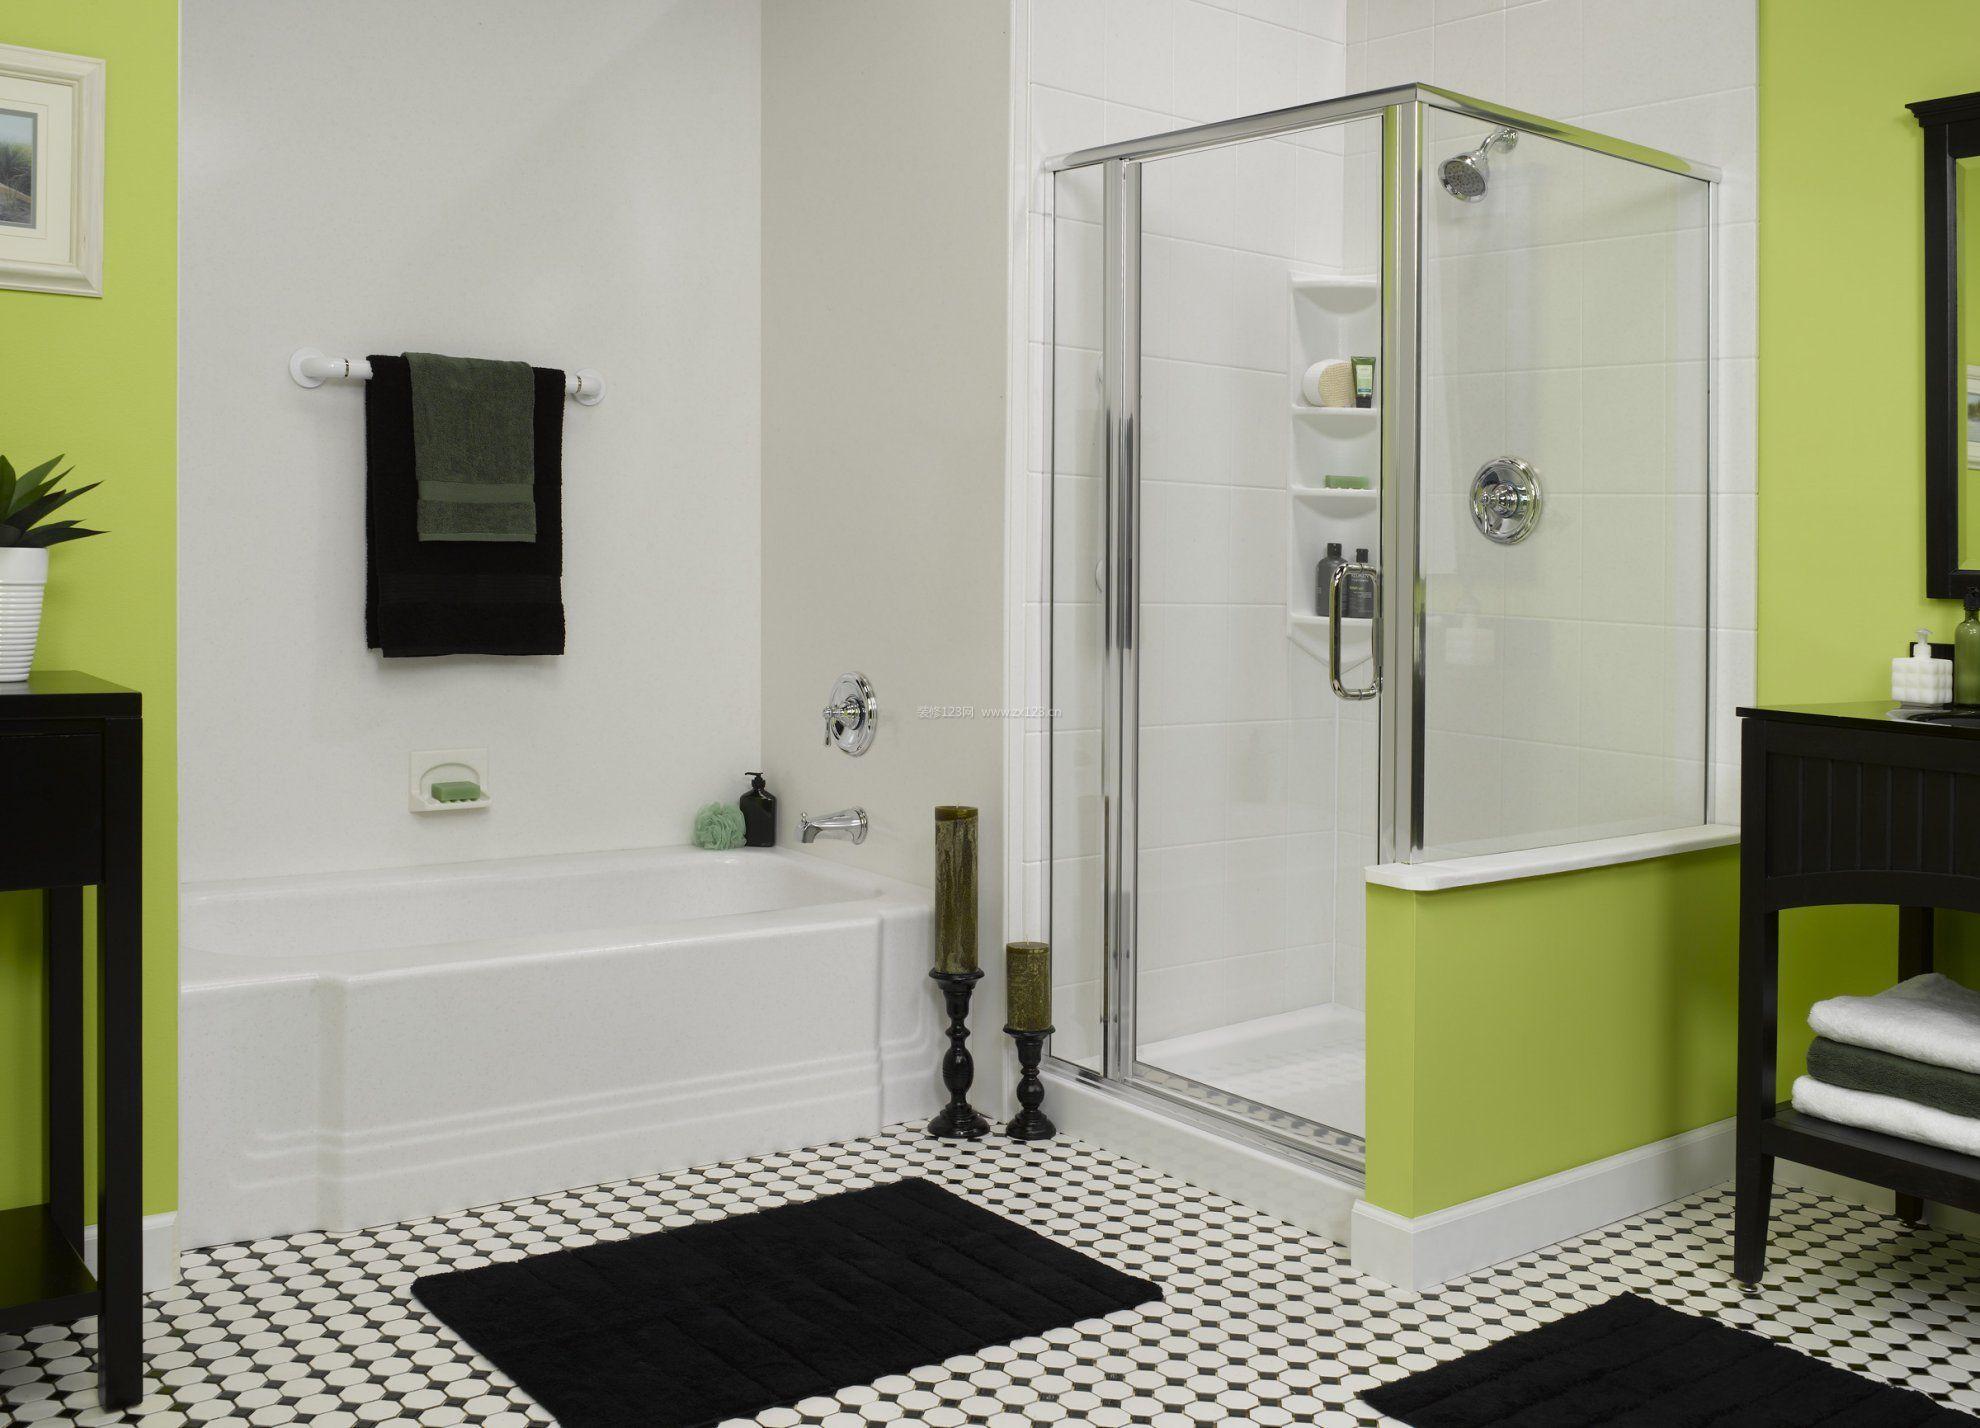 浴室装修图片_家庭浴室装修图片